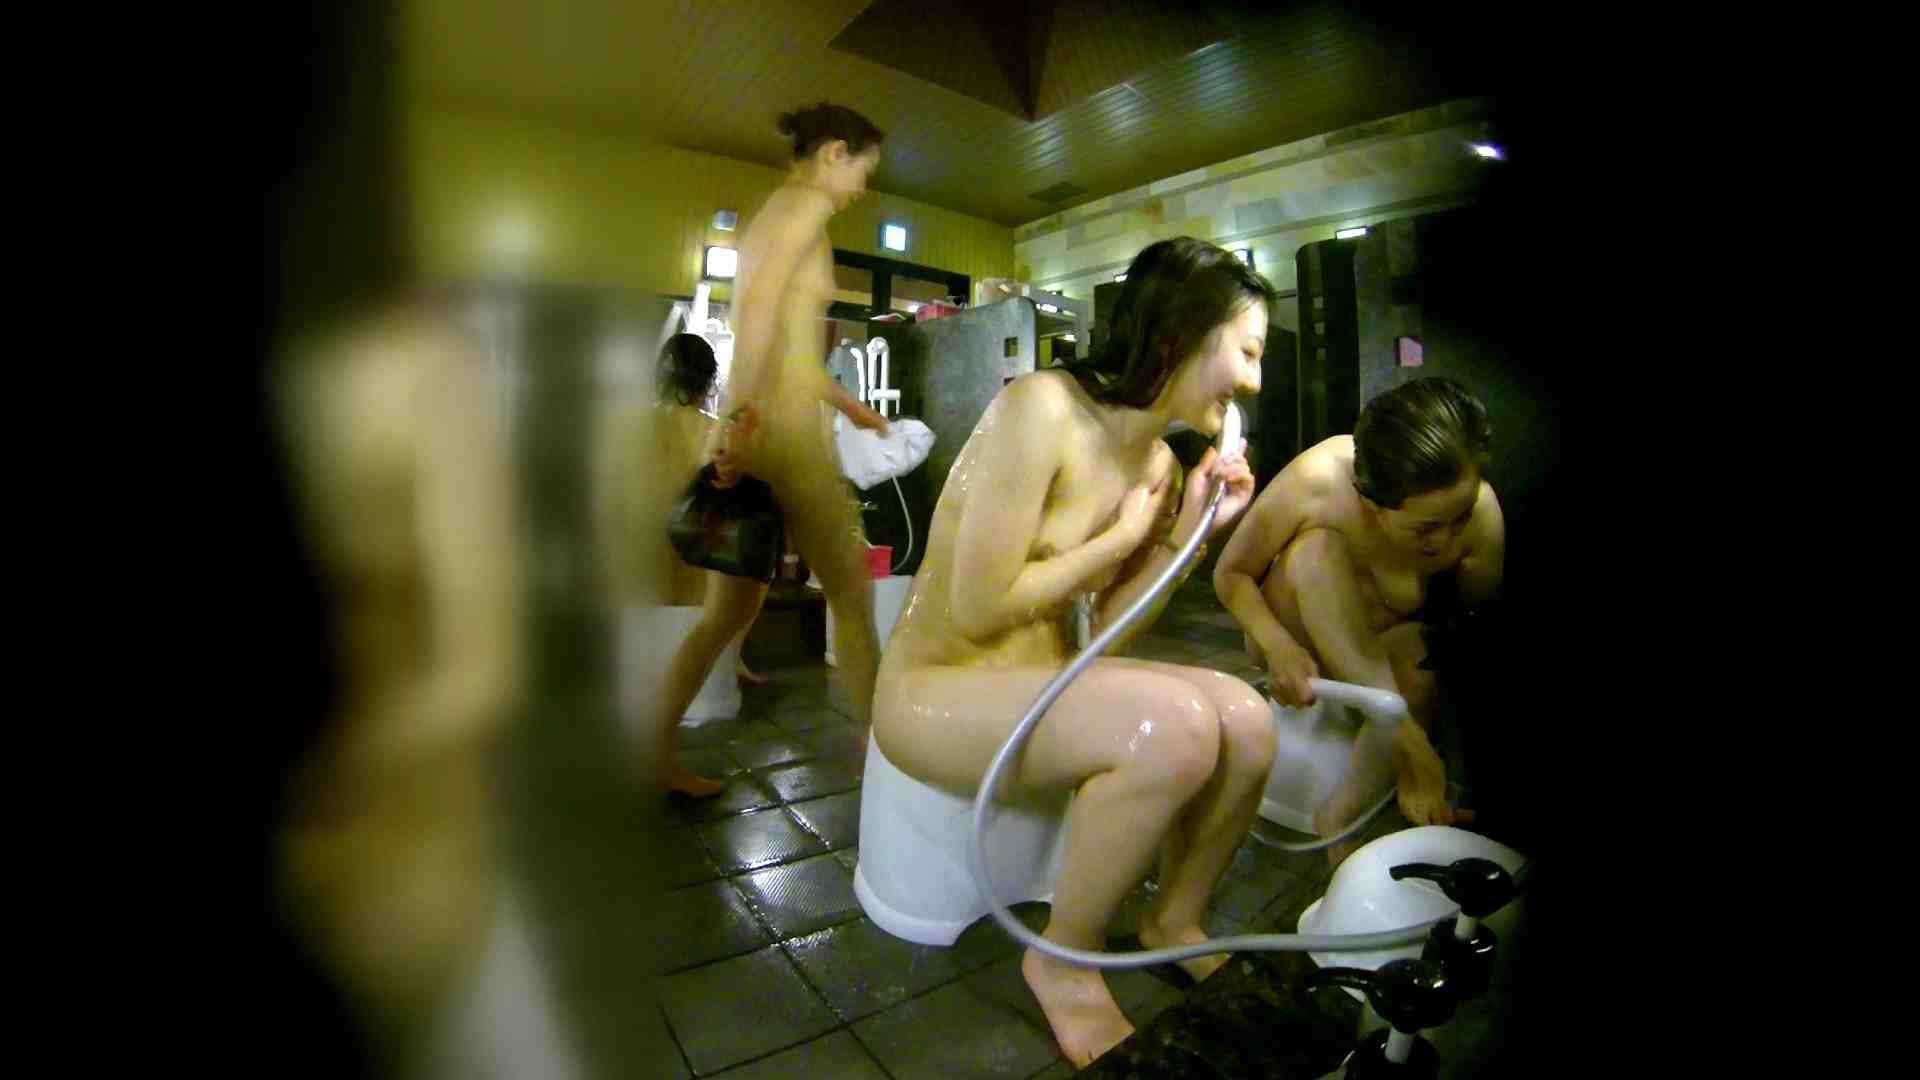 洗い場!右足の位置がいいですね。陰毛もっさり! 銭湯事情 オメコ動画キャプチャ 107枚 69